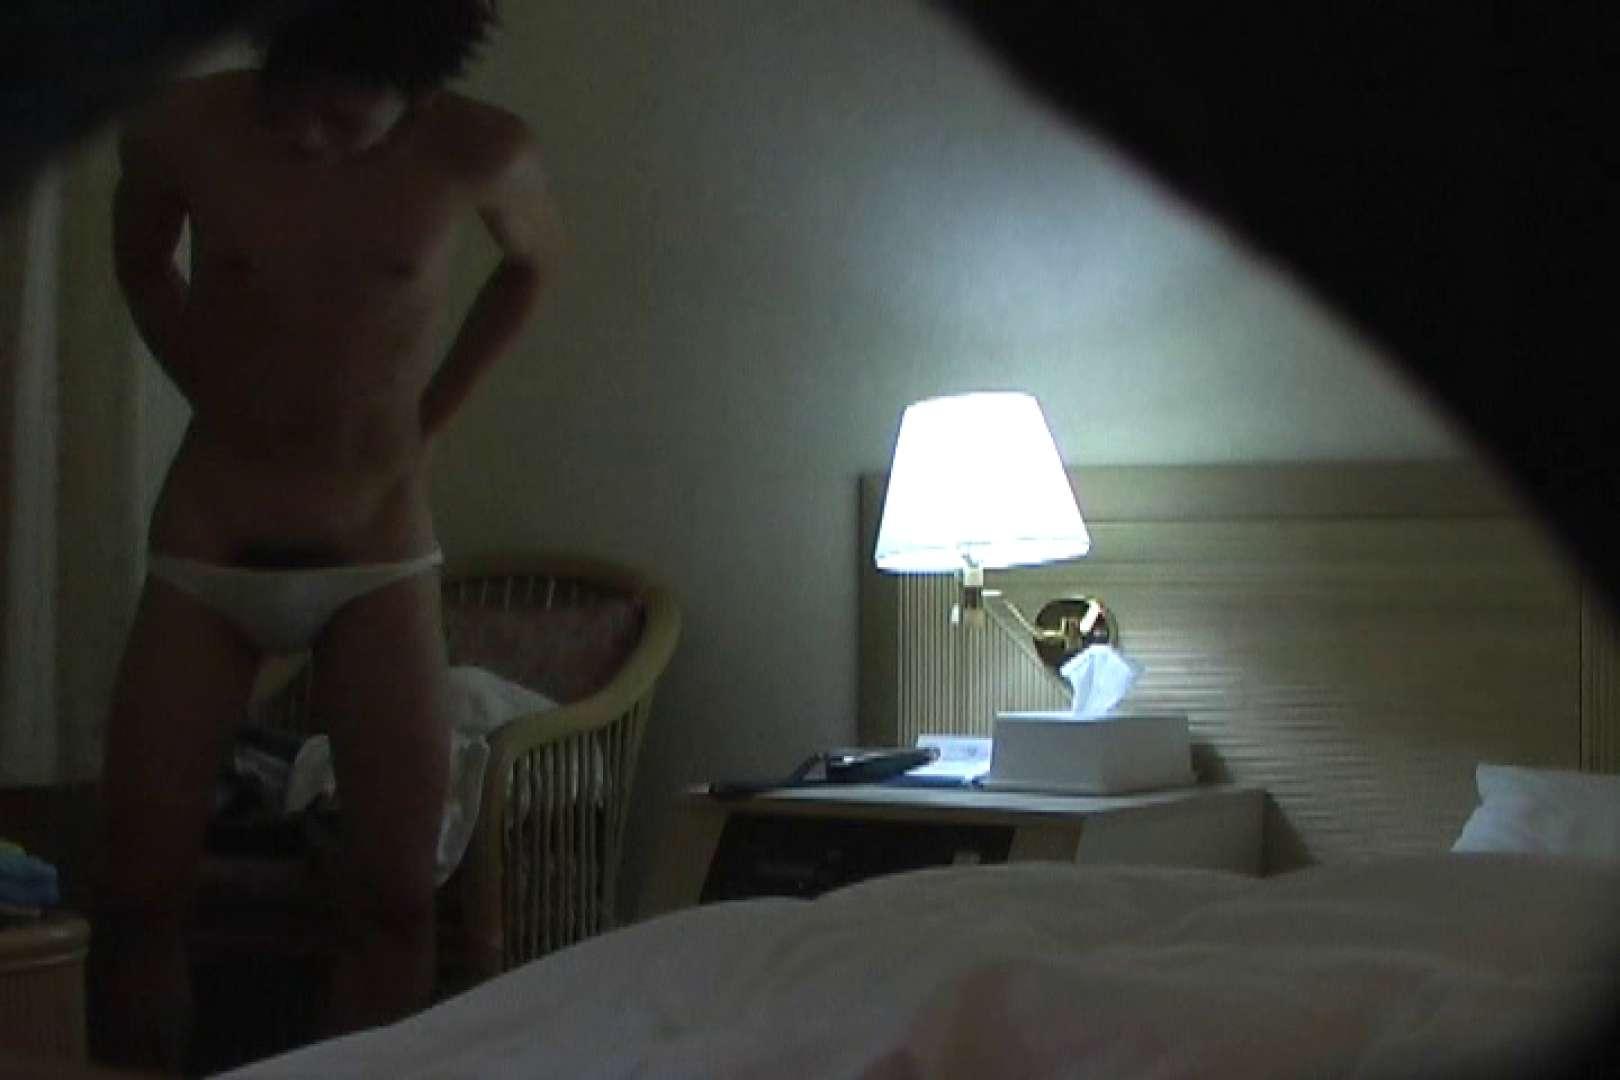 オナ好き五郎さん投稿!イケメン限定!下着着替え覗いちゃいました編!Vol.01 イケメンのsex | スリム美少年系ジャニ系  61pic 23